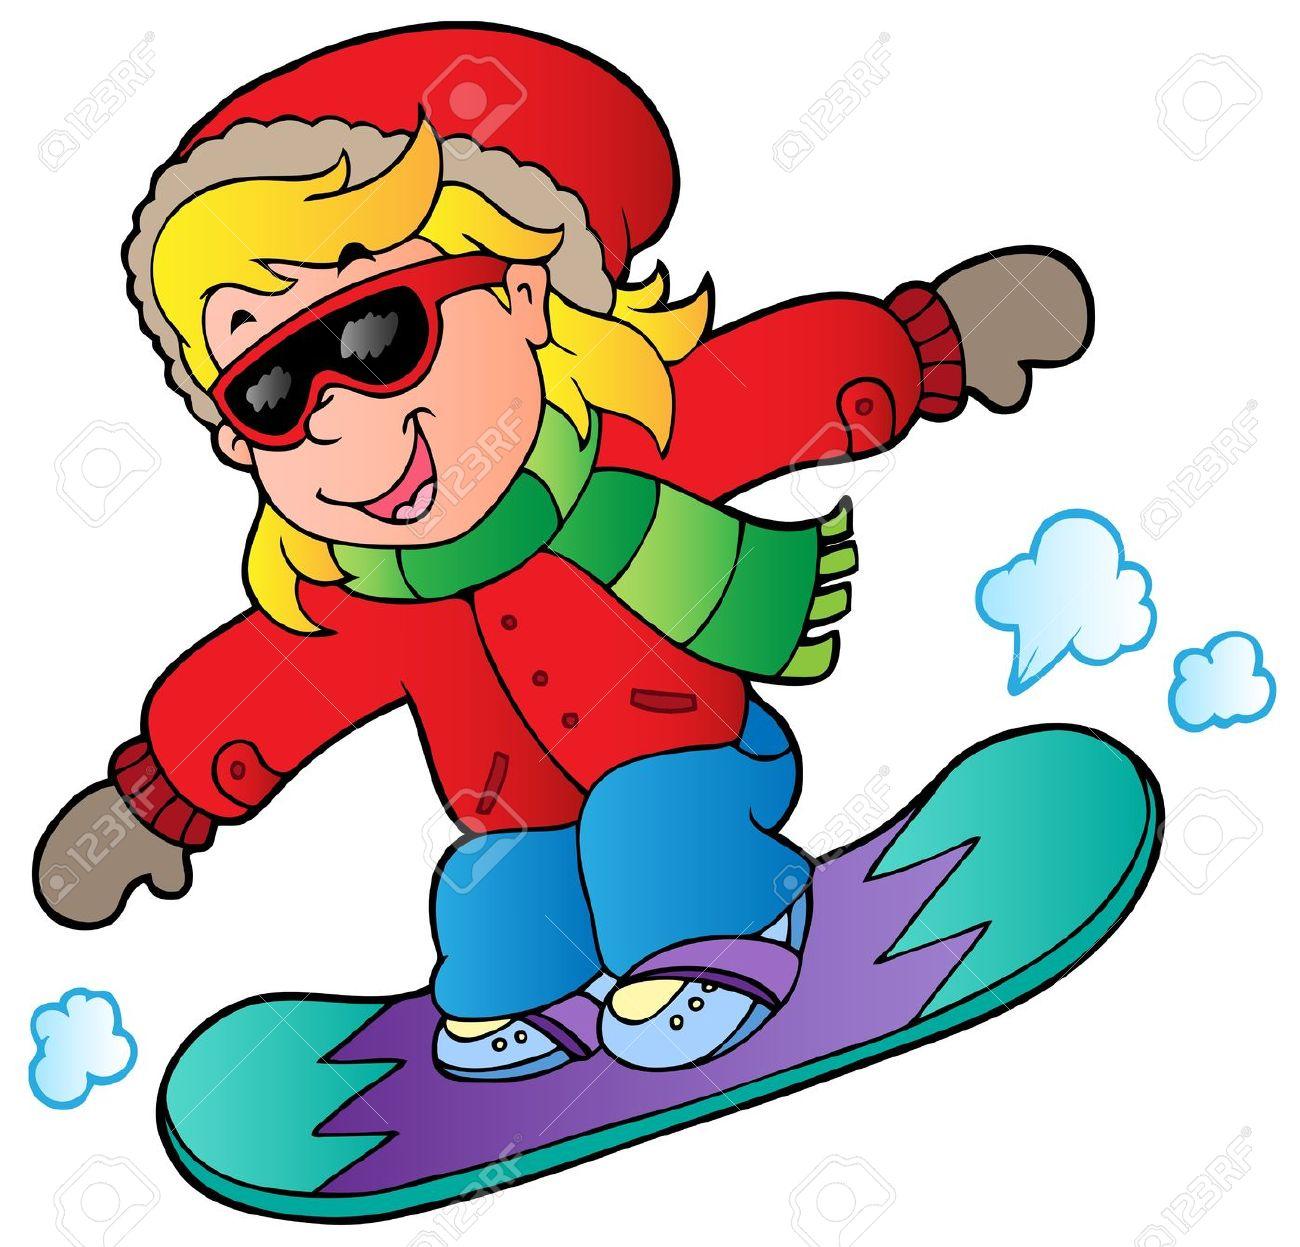 Winter activity clipart picture transparent download Activity Cliparts | Free download best Activity Cliparts on ... picture transparent download